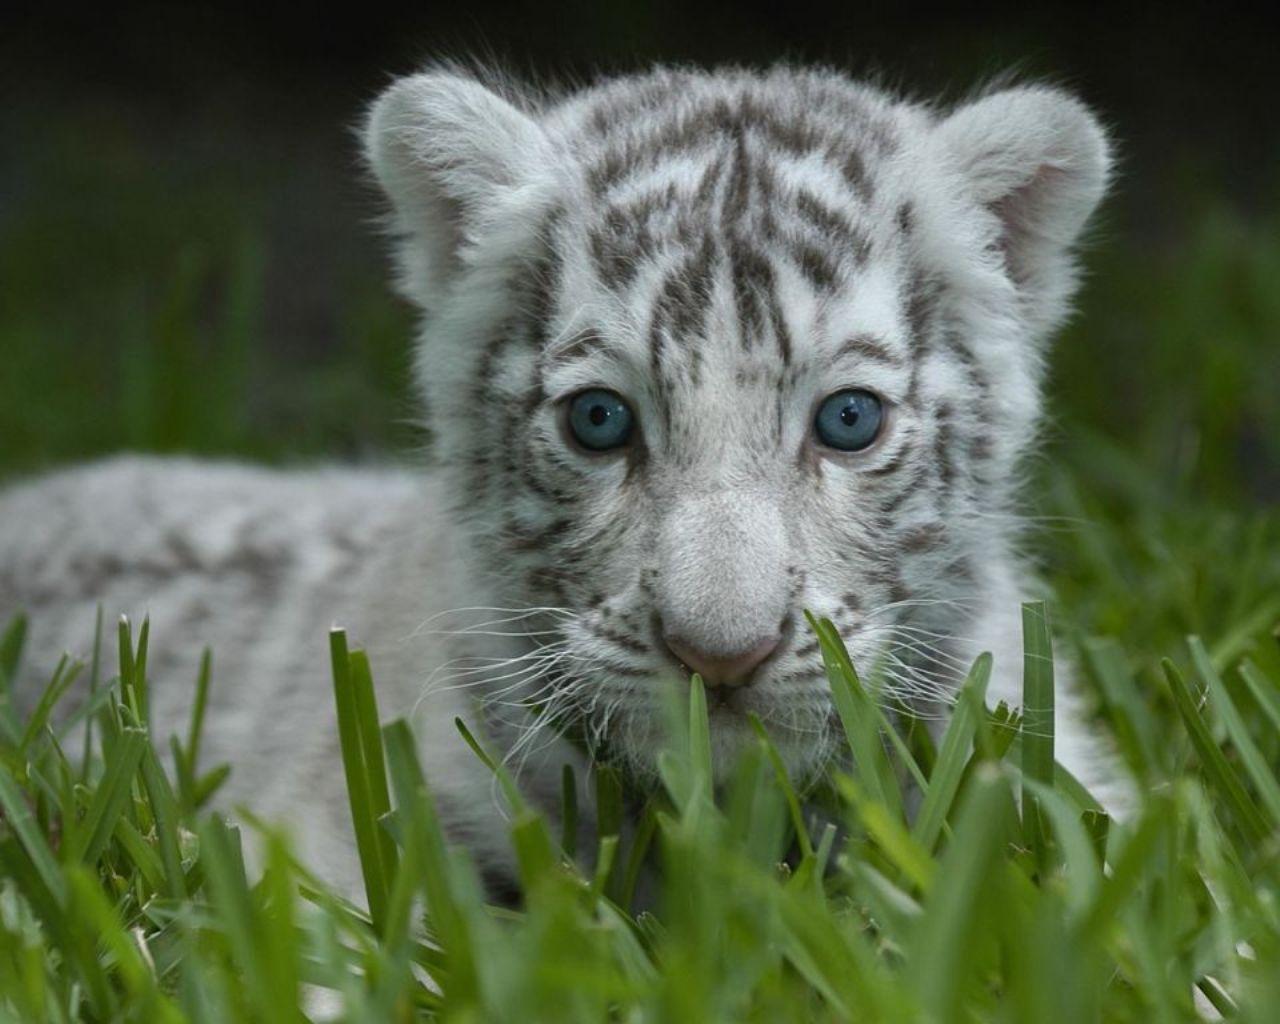 White tiger background tumblr - photo#16